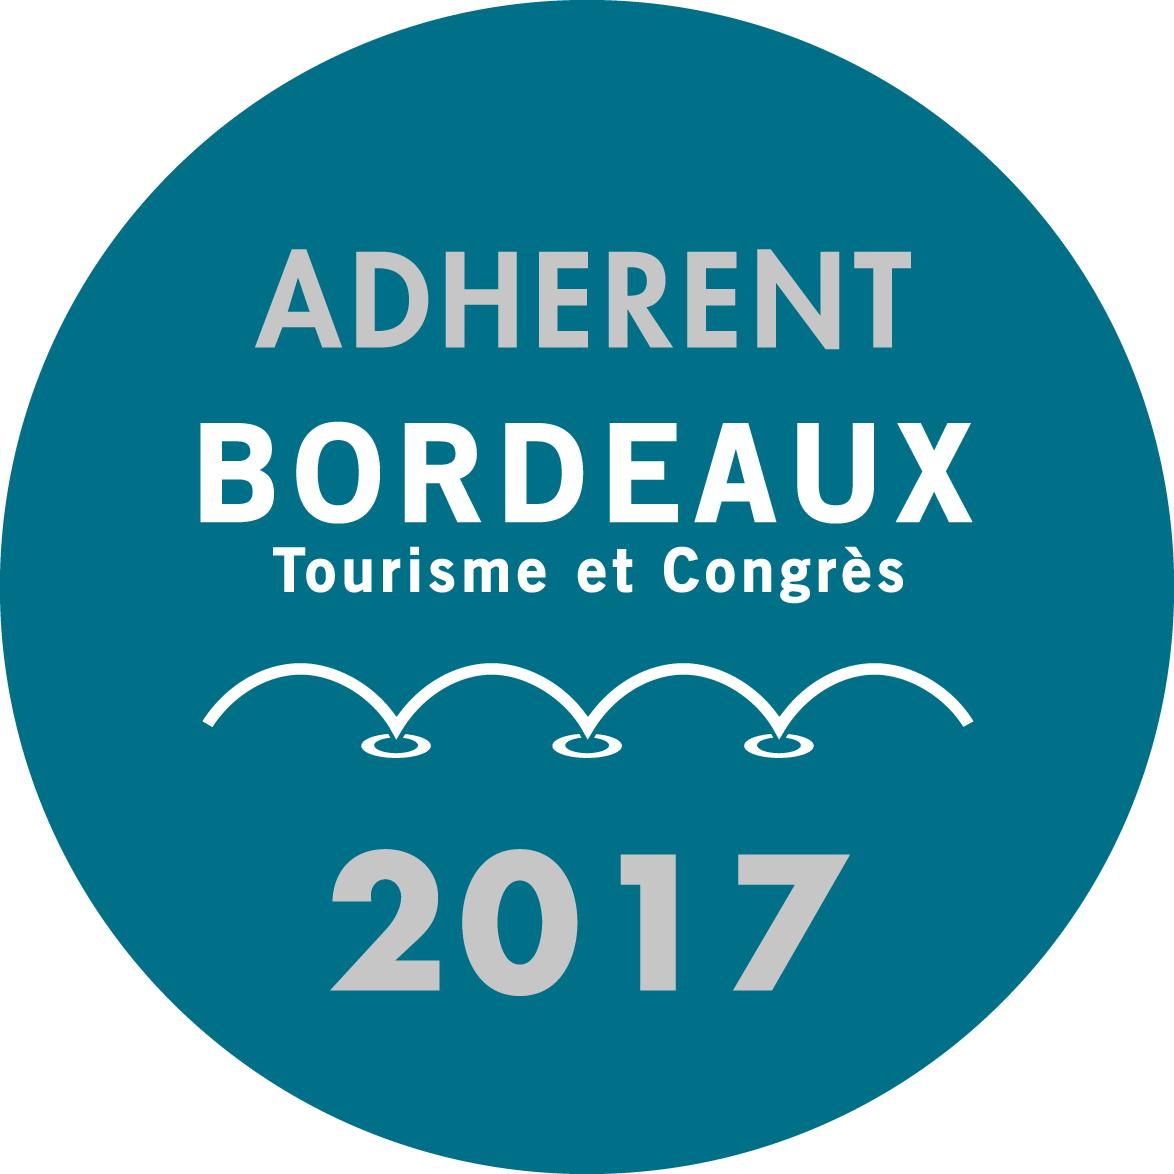 Lafitte est adhérent à l'Office de Tourisme de Bordeaux